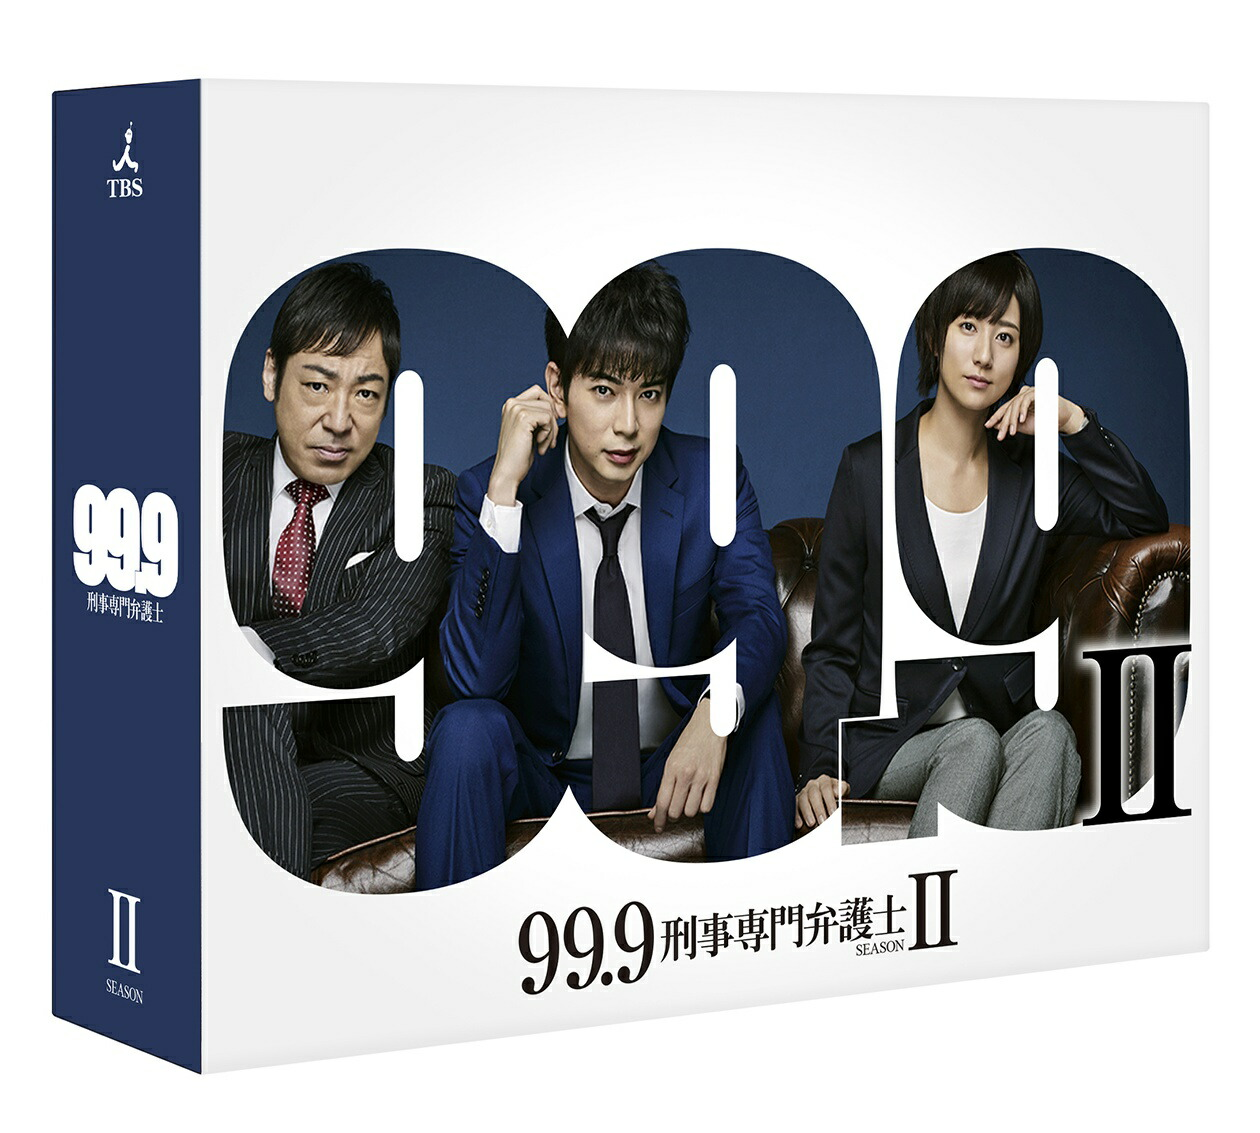 99.9-刑事専門弁護士- SEASONII Blu-ray BOX[TCBD-0737][Blu-ray/ブルーレイ]